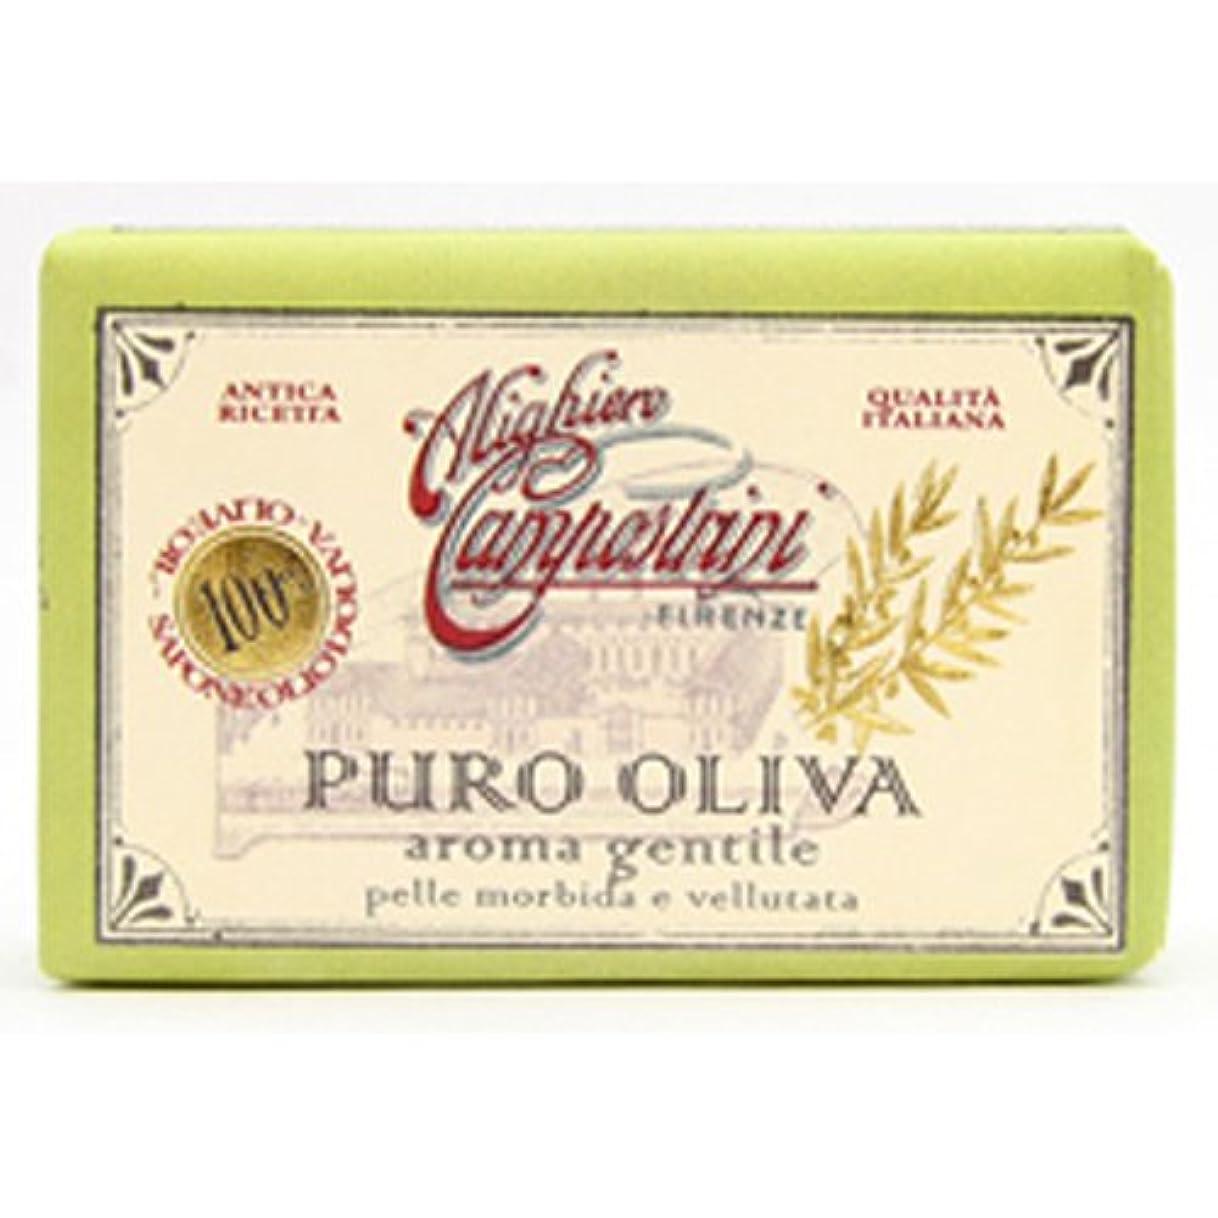 聴覚出口命令Saponerire Fissi サポネリーフィッシー PURO OLIVA Soap オリーブオイル ピュロ ソープ Aroma gentile ジェントル(グリーン)